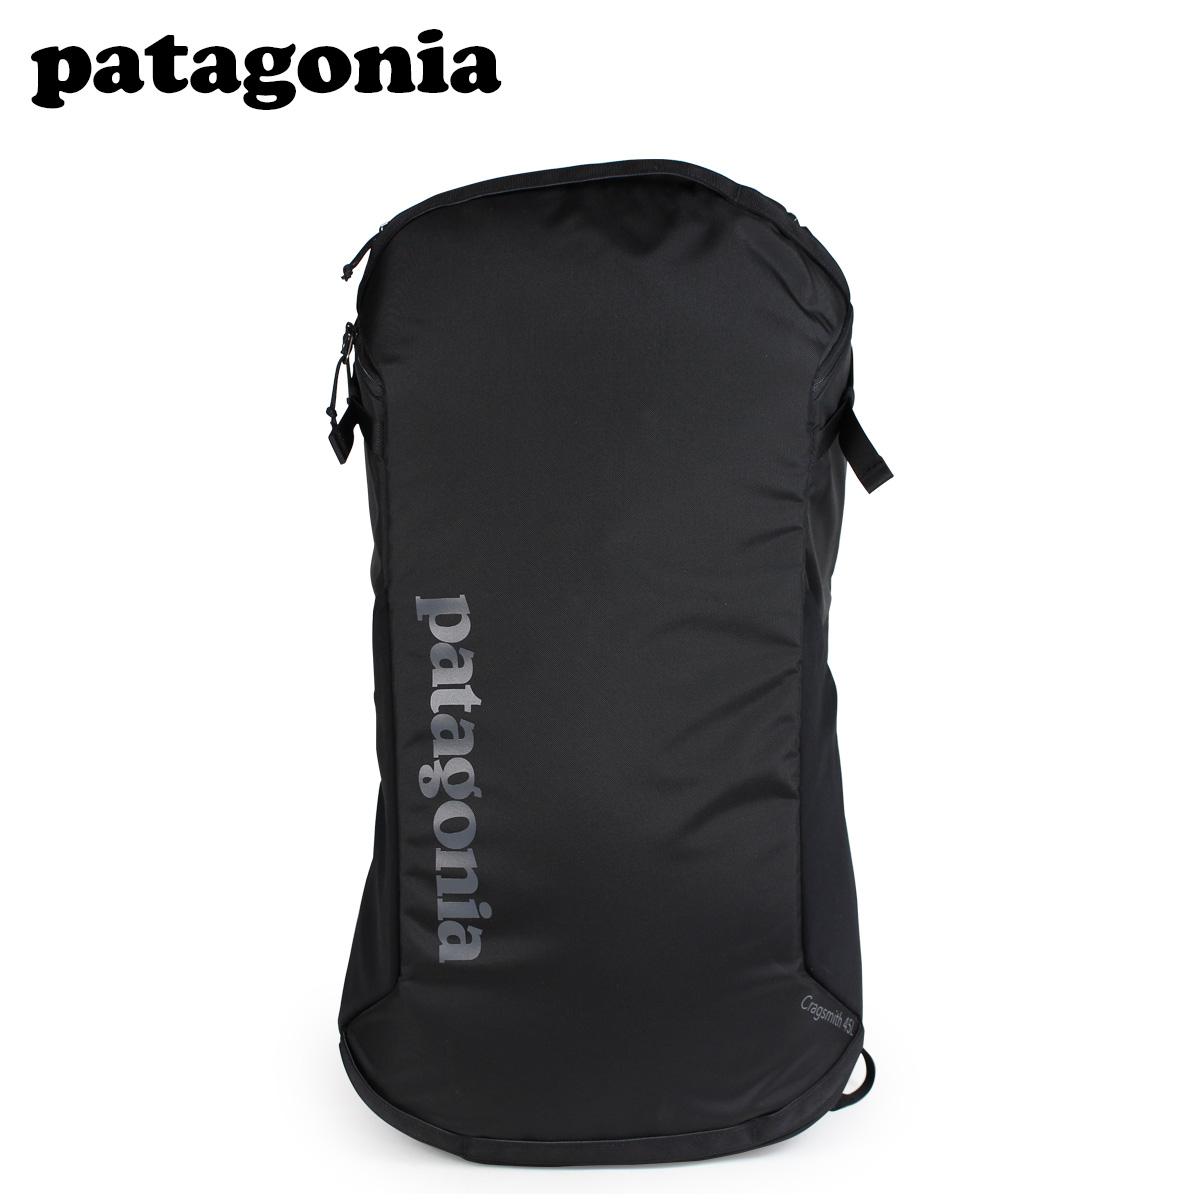 patagonia CRAGSMITH パタゴニア リュック バックパック 45L メンズ レディース ブラック 48065